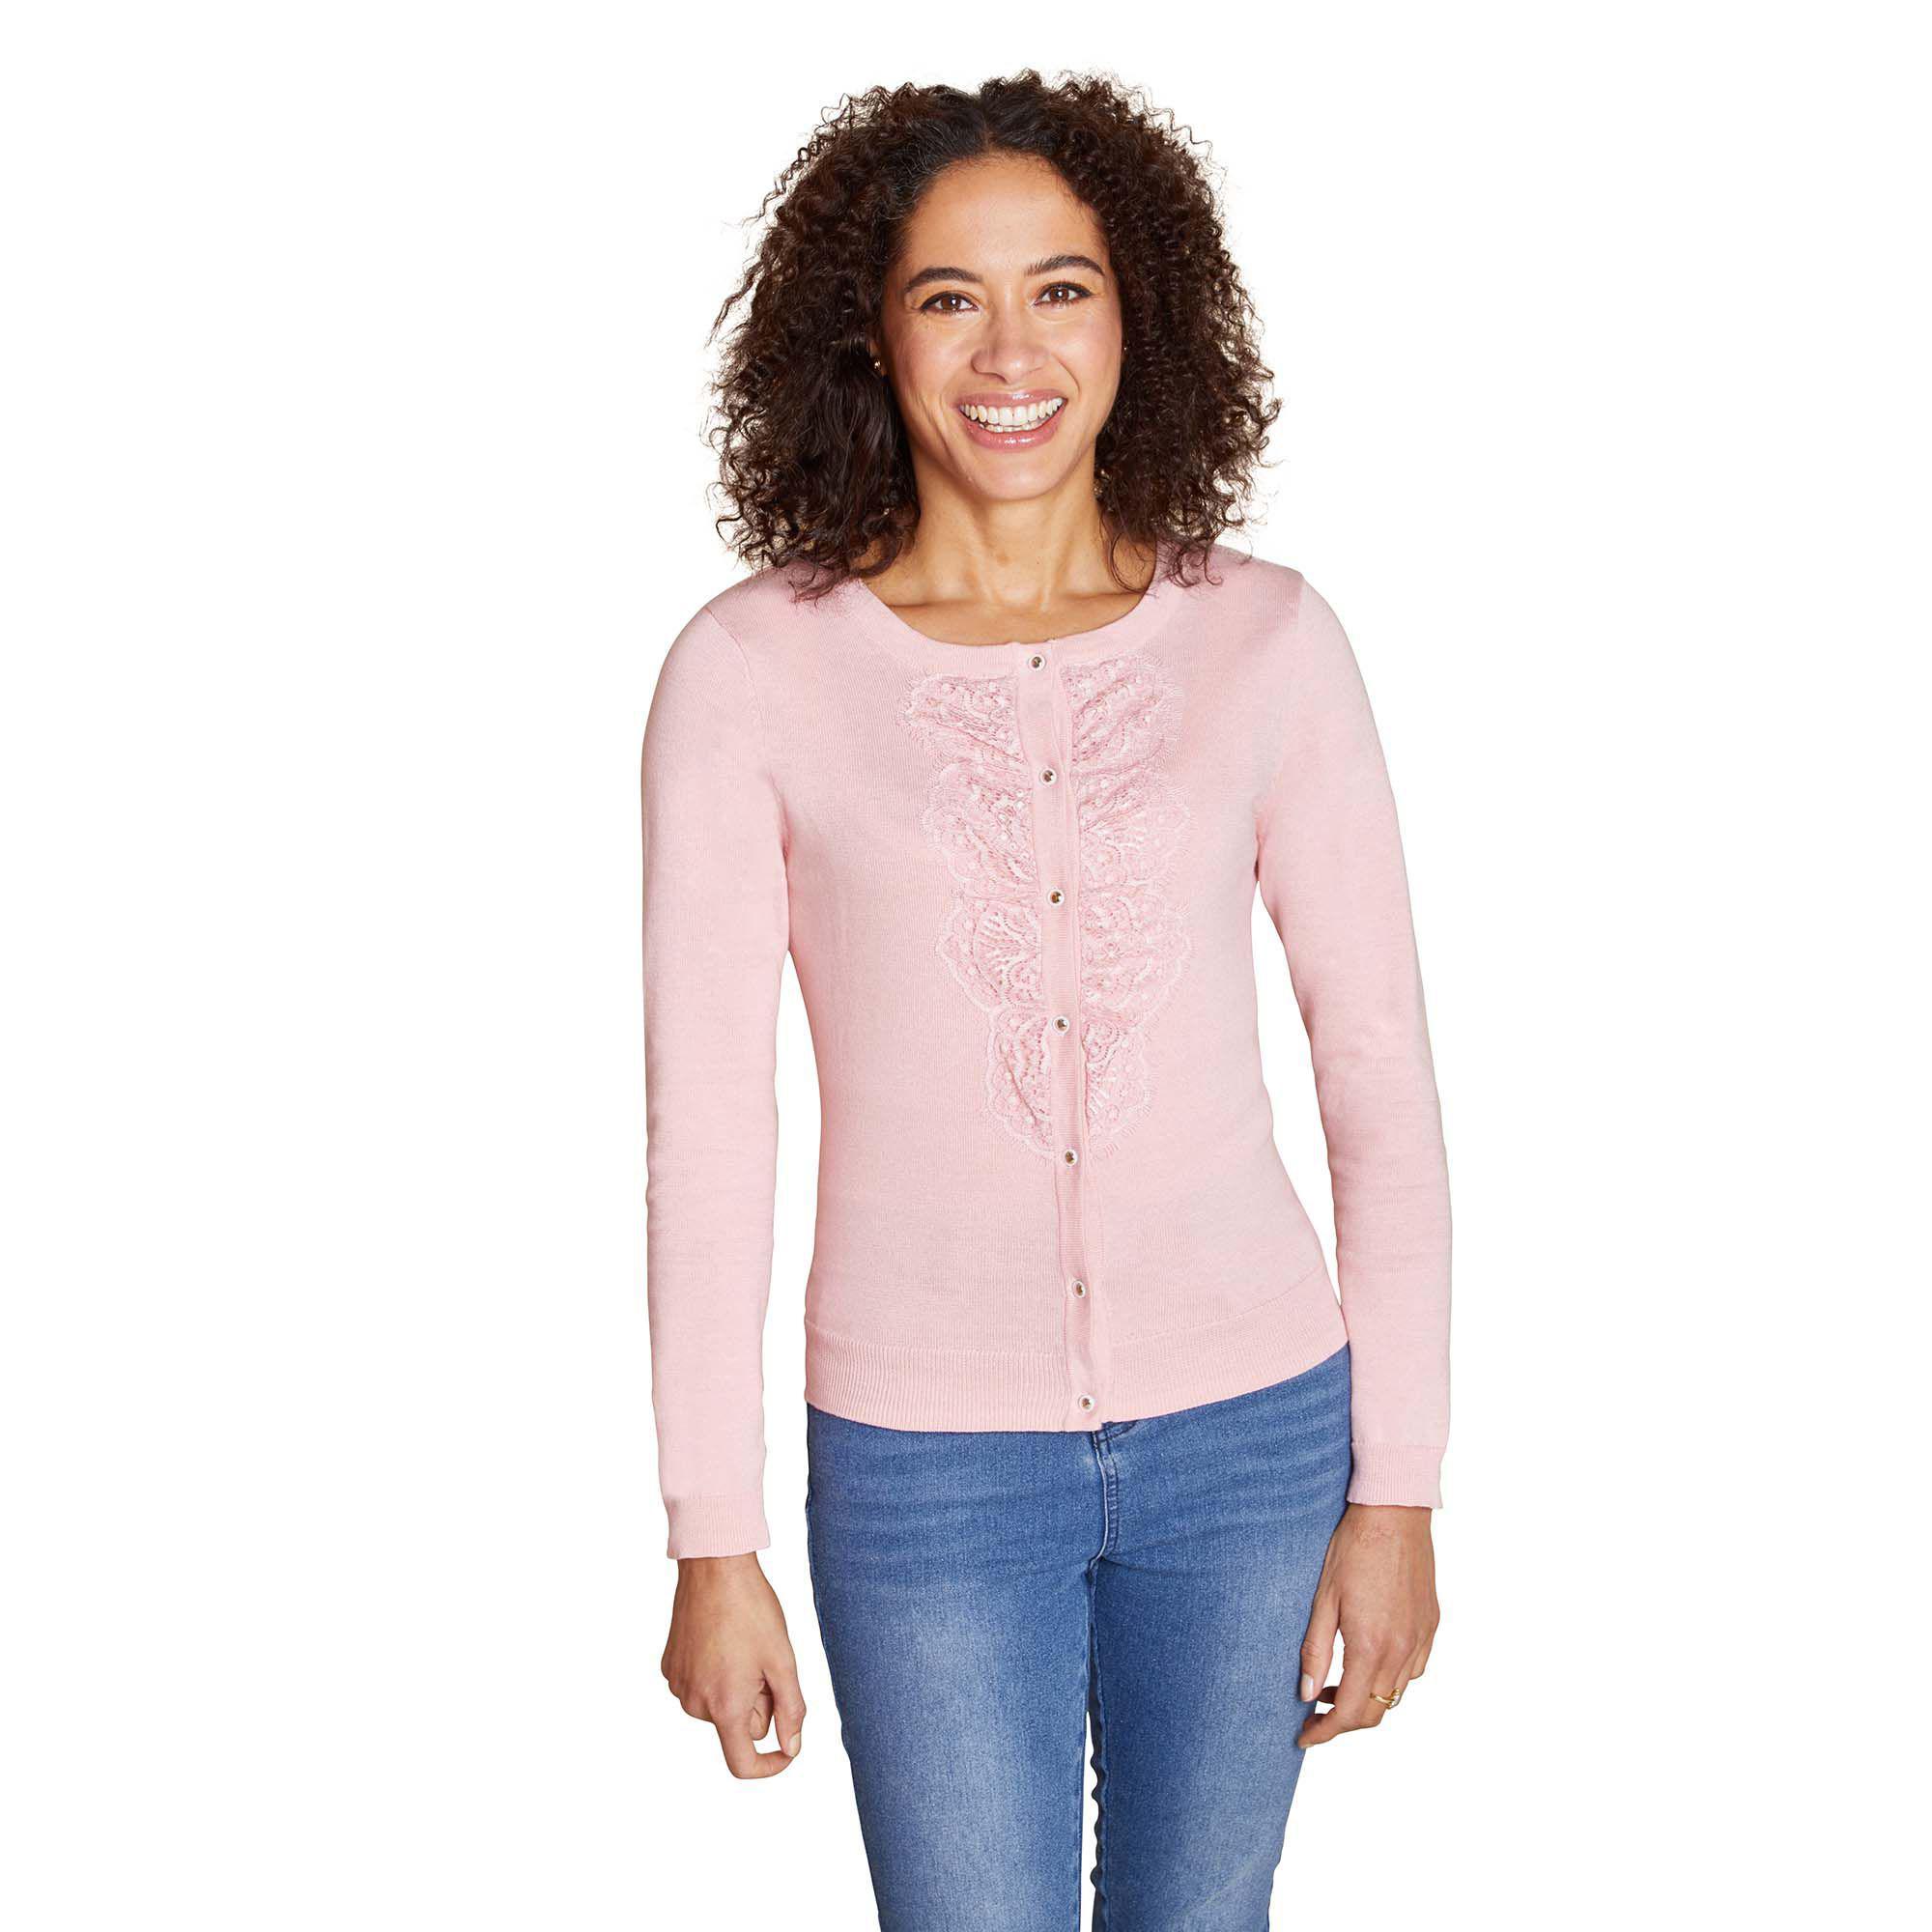 b263aebdf83 Yumi  Light Pink Floral Eyelash Lace Cardigan in Pink - Lyst